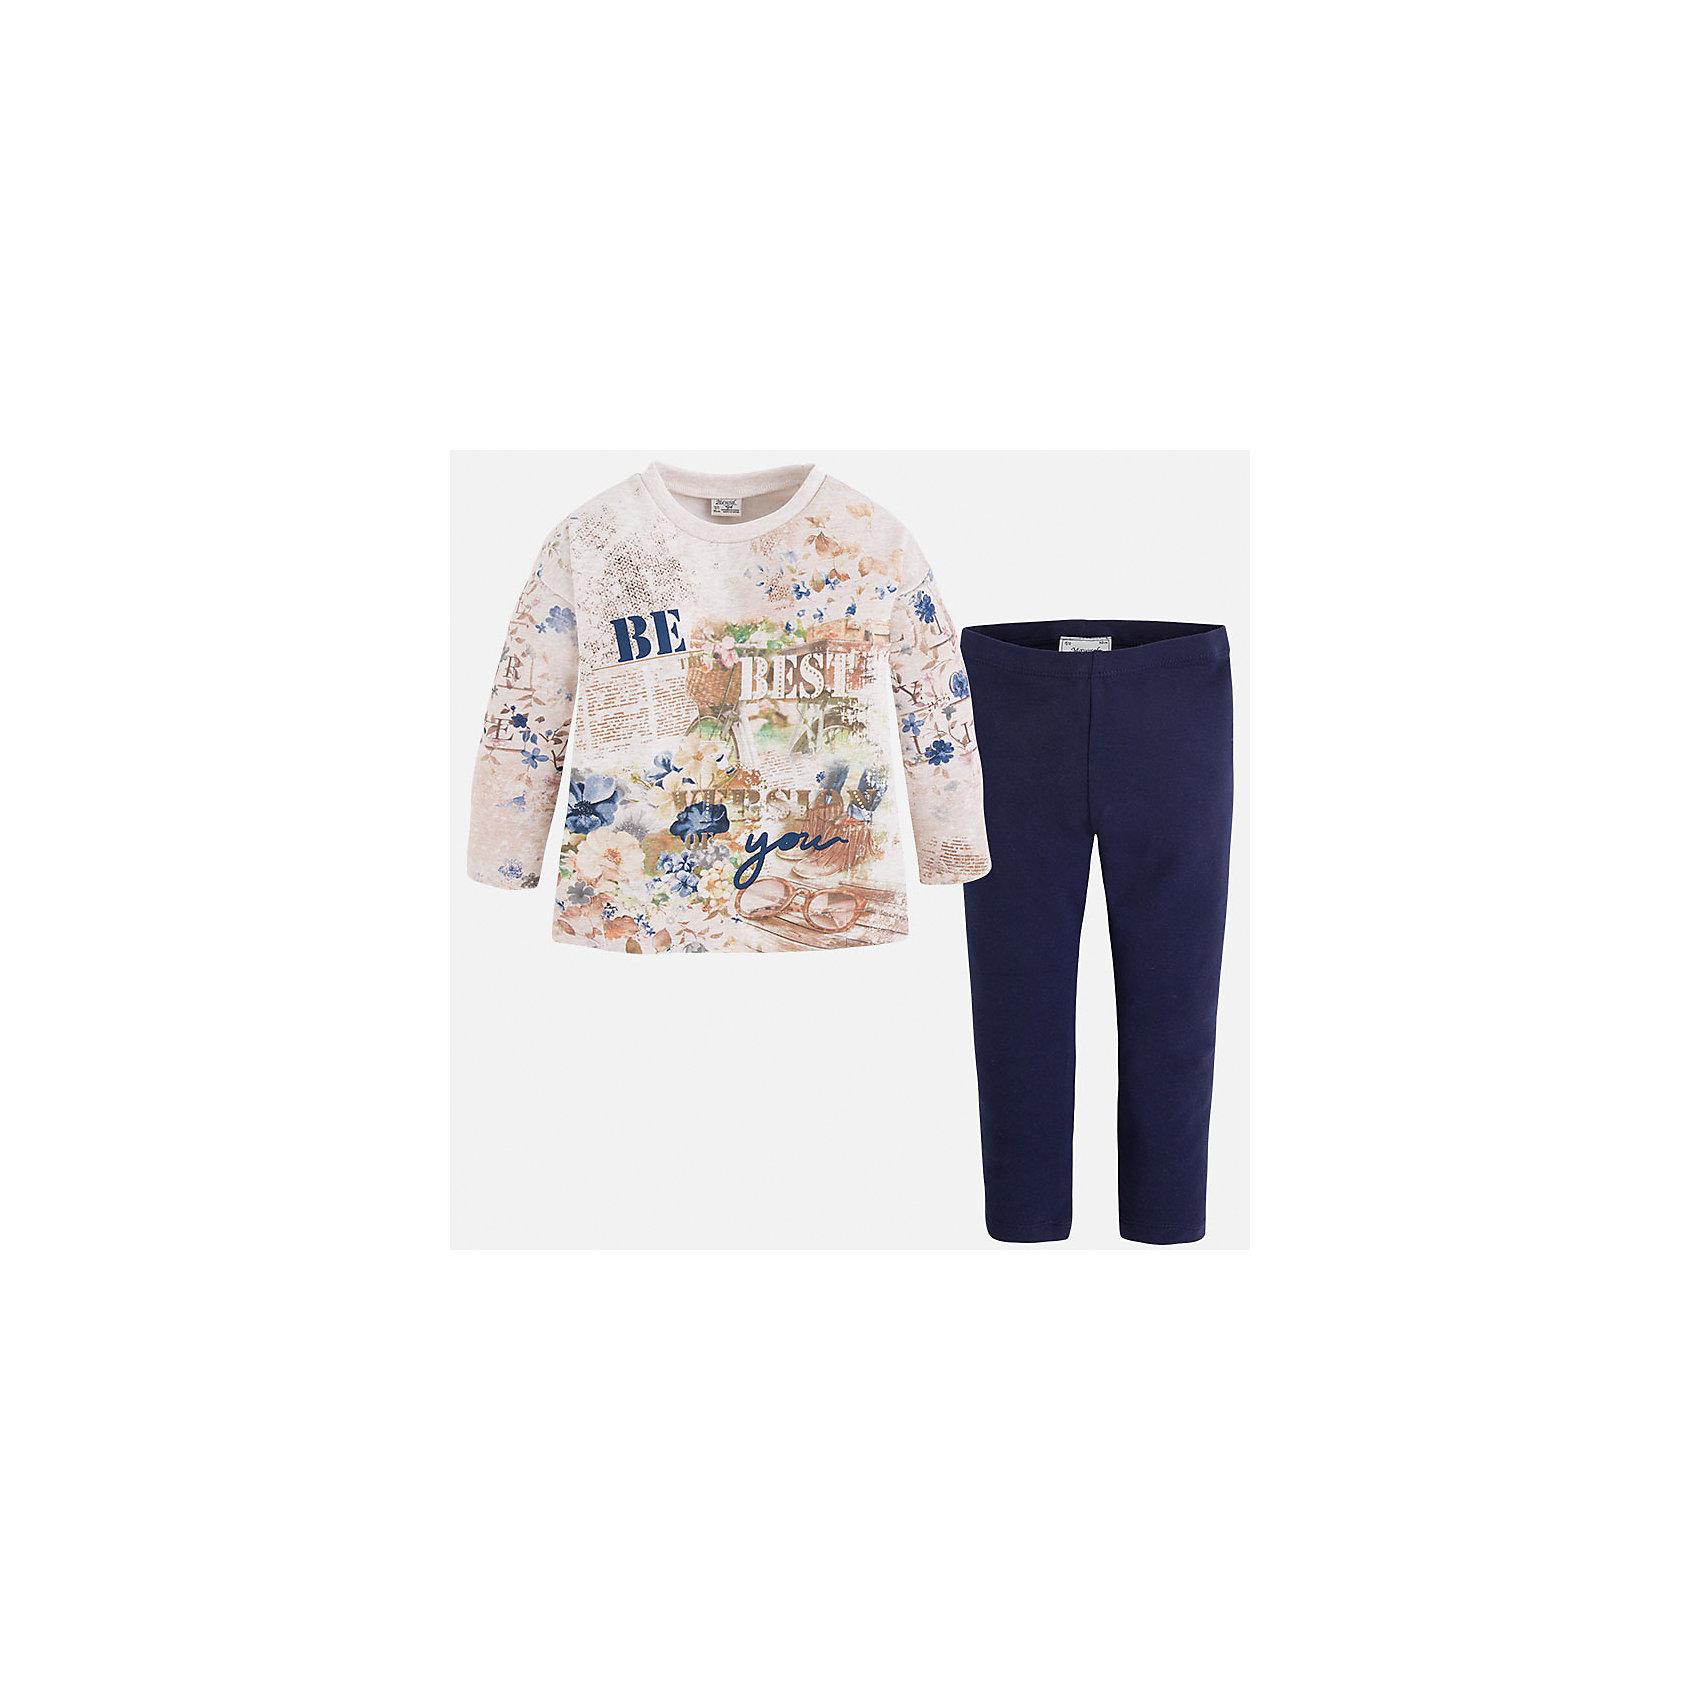 Леггинсы для девочки MayoralКомплекты<br>Комплект из леггинсов и свитера для девочки от популярного испанского бренда Mayoral(Майорал). Изготовленный из прочных, хорошо сохраняющих тепло материалов. Яркая расцветка с оригинальным принтом - то, что нужно моднице, любящей быть в центре внимания!<br>Дополнительная информация:<br>-цвет: темно-синий/белый<br>-состав: свитер: 48% хлопок, 47% полиэстер, 5% эластан; леггинсы: 92% хлопок, 8% эластан<br>Комплект из леггинсов и свитера Mayoral(Майорал) вы можете купить в нашем интернет-магазине.<br><br>Ширина мм: 123<br>Глубина мм: 10<br>Высота мм: 149<br>Вес г: 209<br>Цвет: синий<br>Возраст от месяцев: 60<br>Возраст до месяцев: 72<br>Пол: Женский<br>Возраст: Детский<br>Размер: 116,128,110,98,134,104,92,122<br>SKU: 4844143